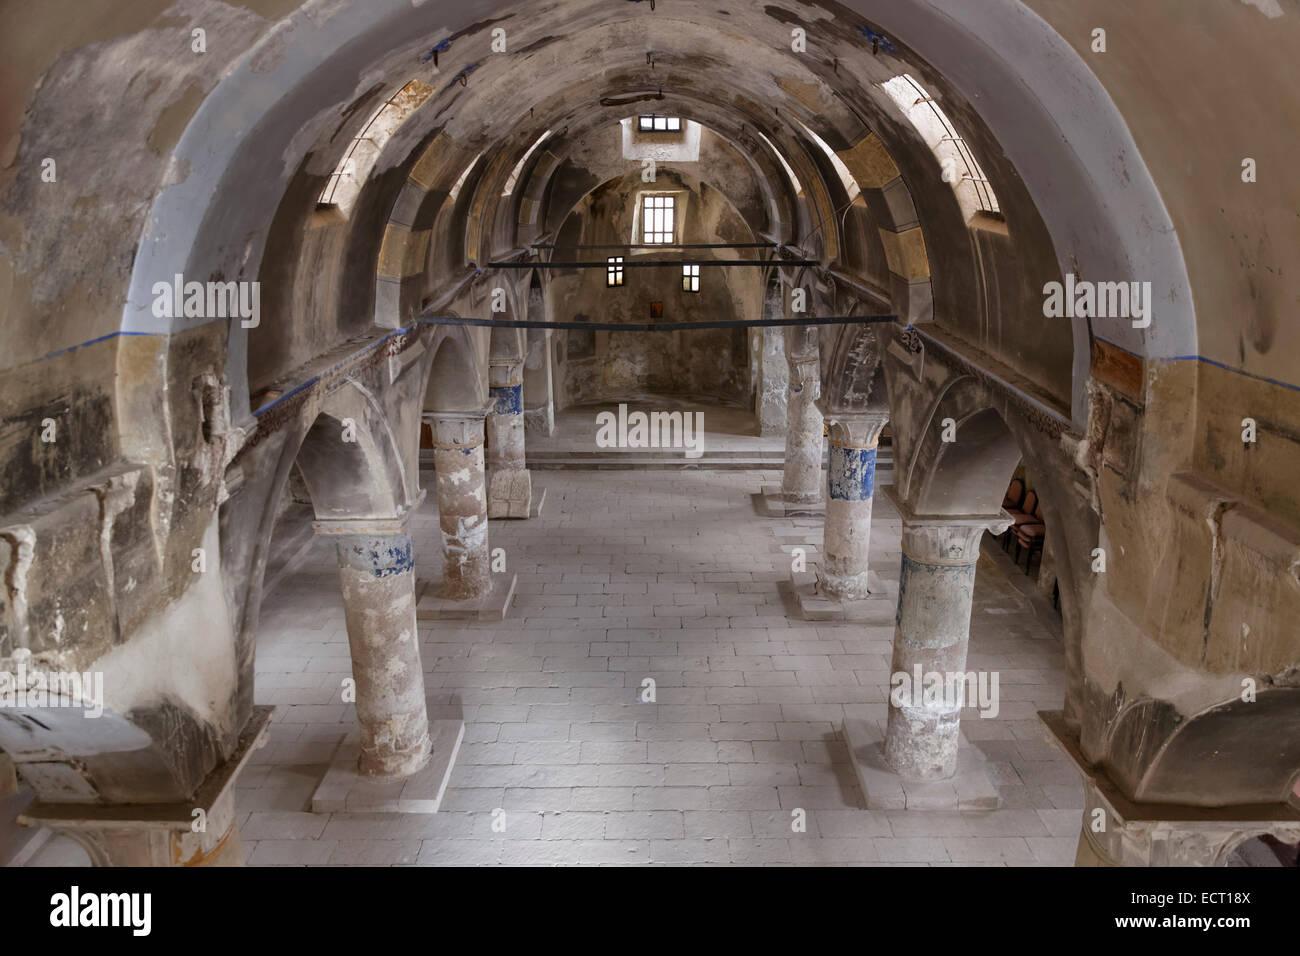 Turkey  Mustafapasa  Ayios Konstantinos Church - Stock Image